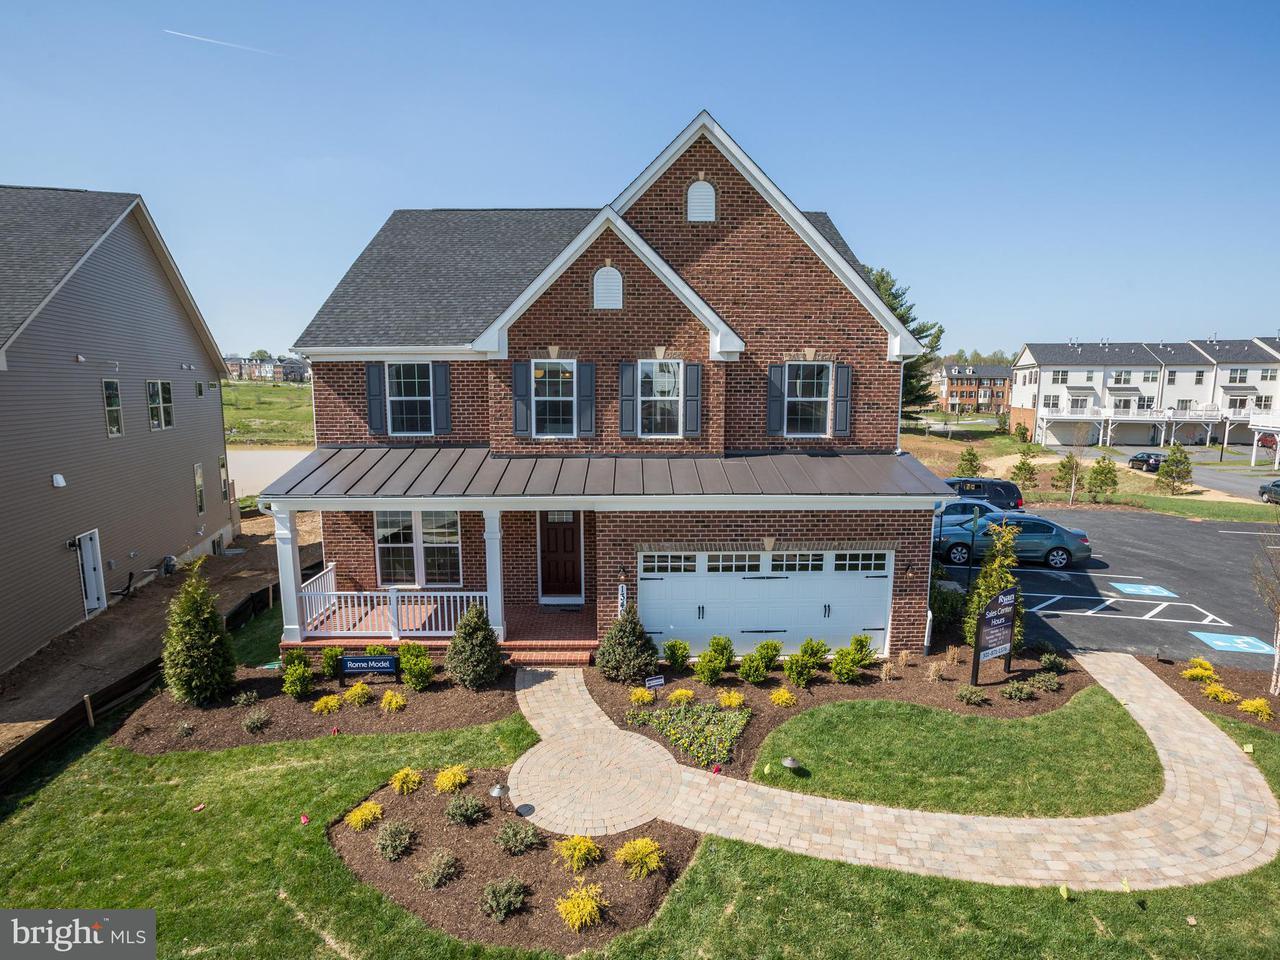 Casa Unifamiliar por un Venta en 14608 BENTLEY PARK Drive 14608 BENTLEY PARK Drive Burtonsville, Maryland 20866 Estados Unidos